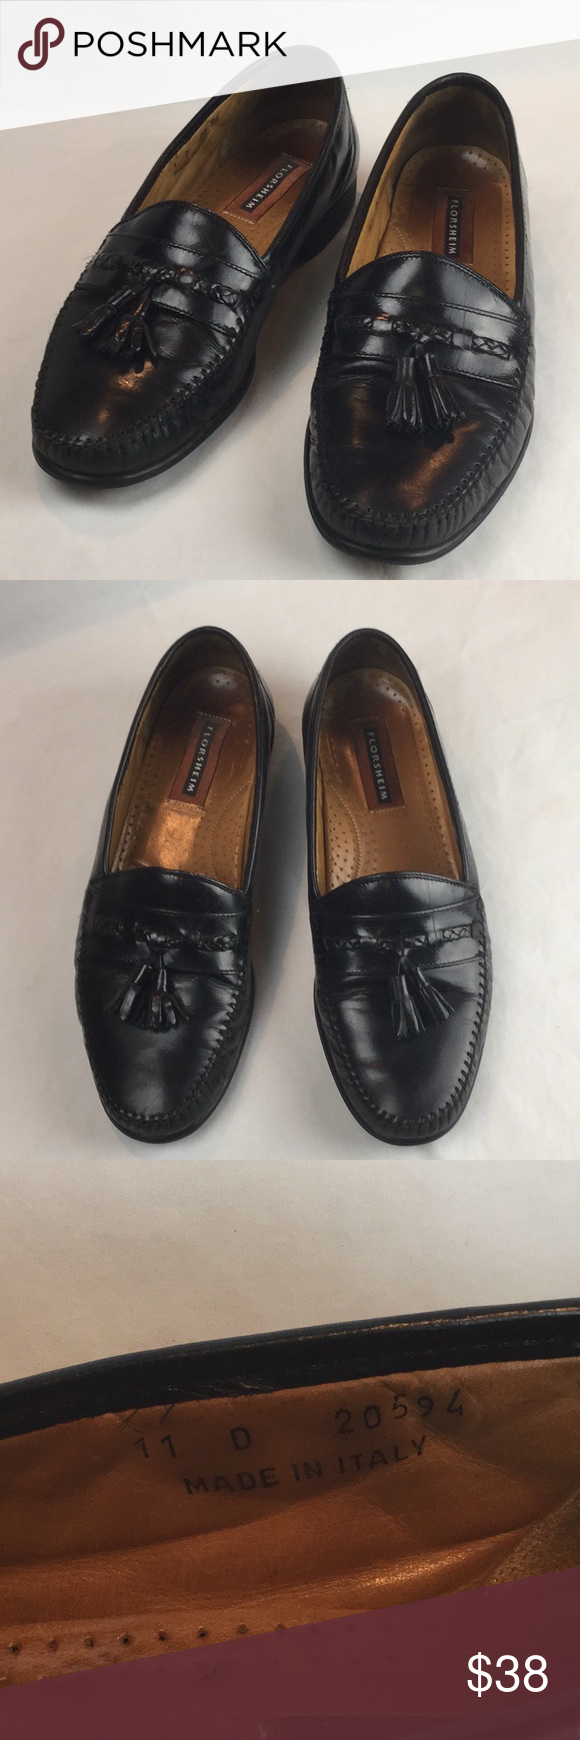 c018e7027b9 Florsheim men s loafers size 11 Excellent condition Florsheim loafers shoes  for men s size 11 Model- 20594 Made in Italy 🇮🇹 Florsheim Shoes Loafers  ...